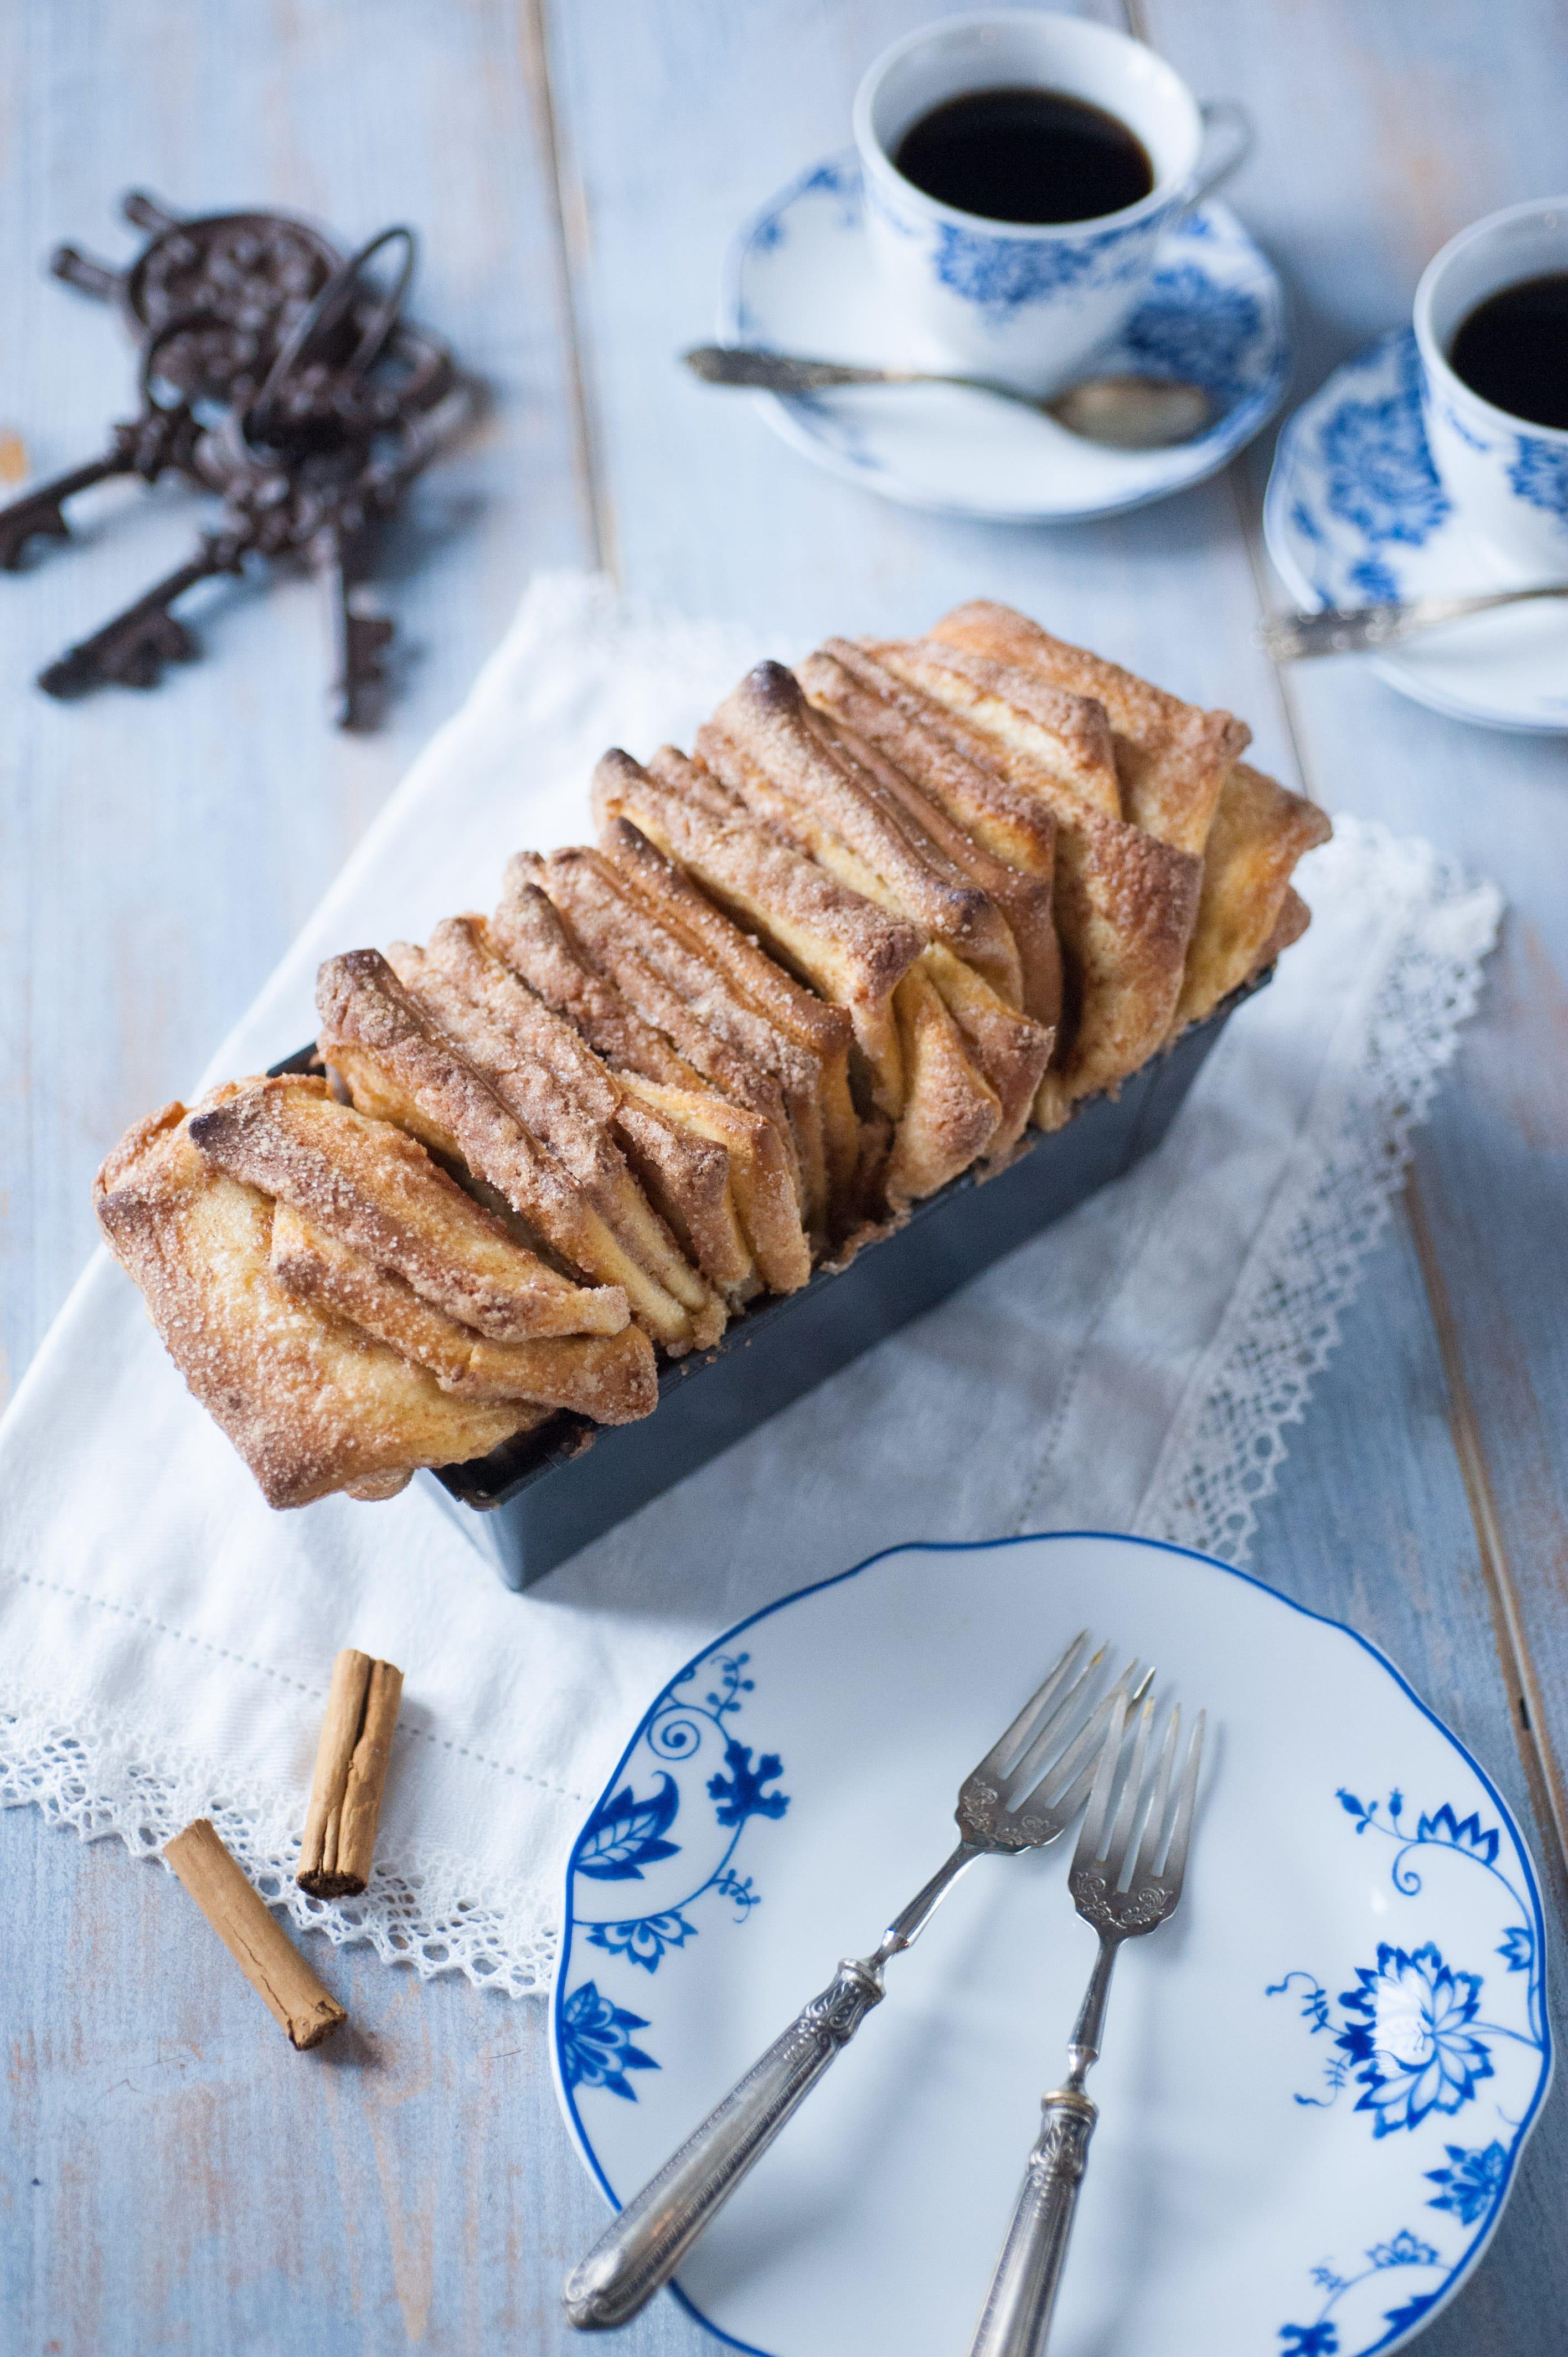 cinnamon sugar pull apart bread pane dolce lievitato alla cannella per colazione merenda